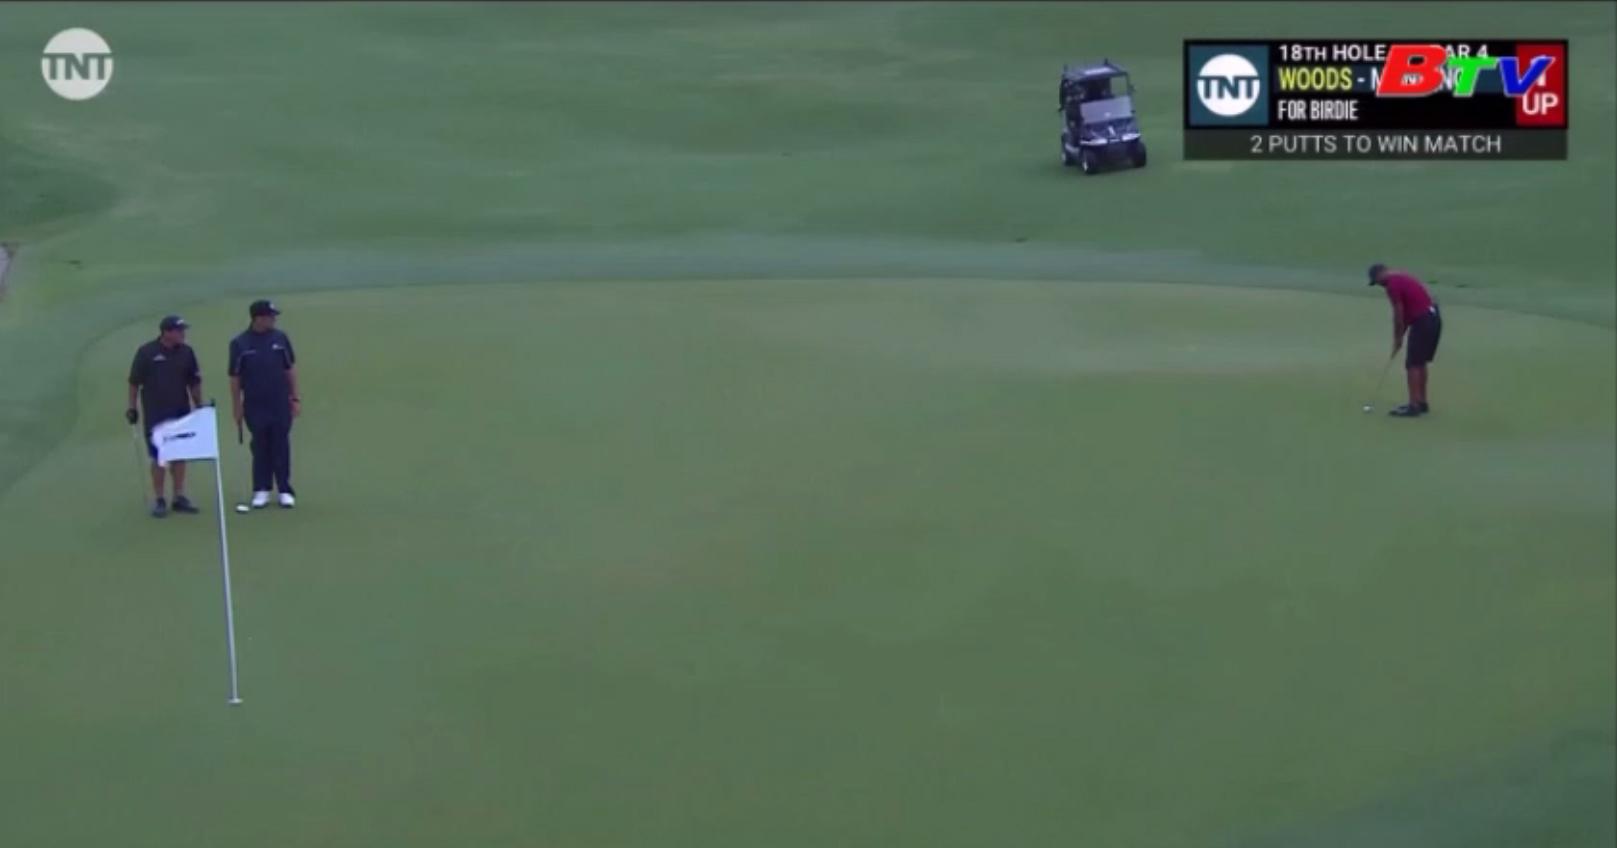 Trận đấu golf gây quỹ từ thiện 20 triệu đô la chống Covid-19